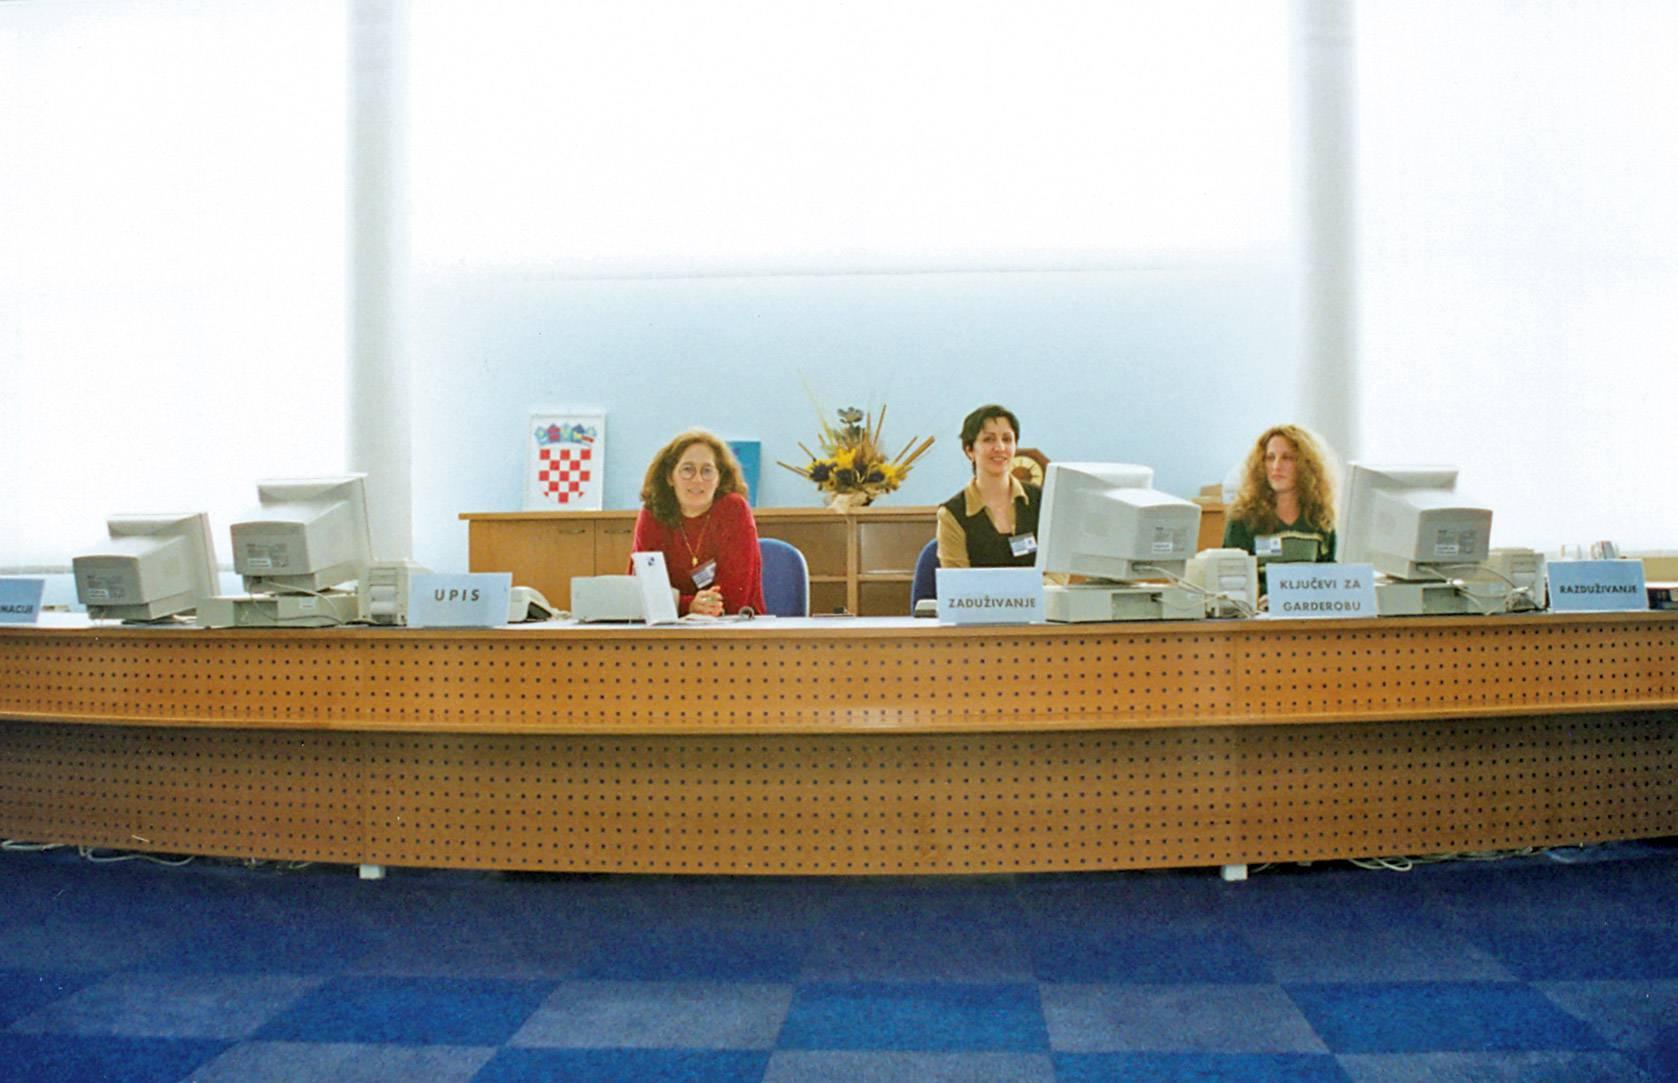 Knjižničarke Antonijela Nekić, Edita Bačić i Biserka Kulaš na pultu Knjižnice prvoga radnog dana prije probnog otvaranja Knjižnice 1. ožujka 1999.